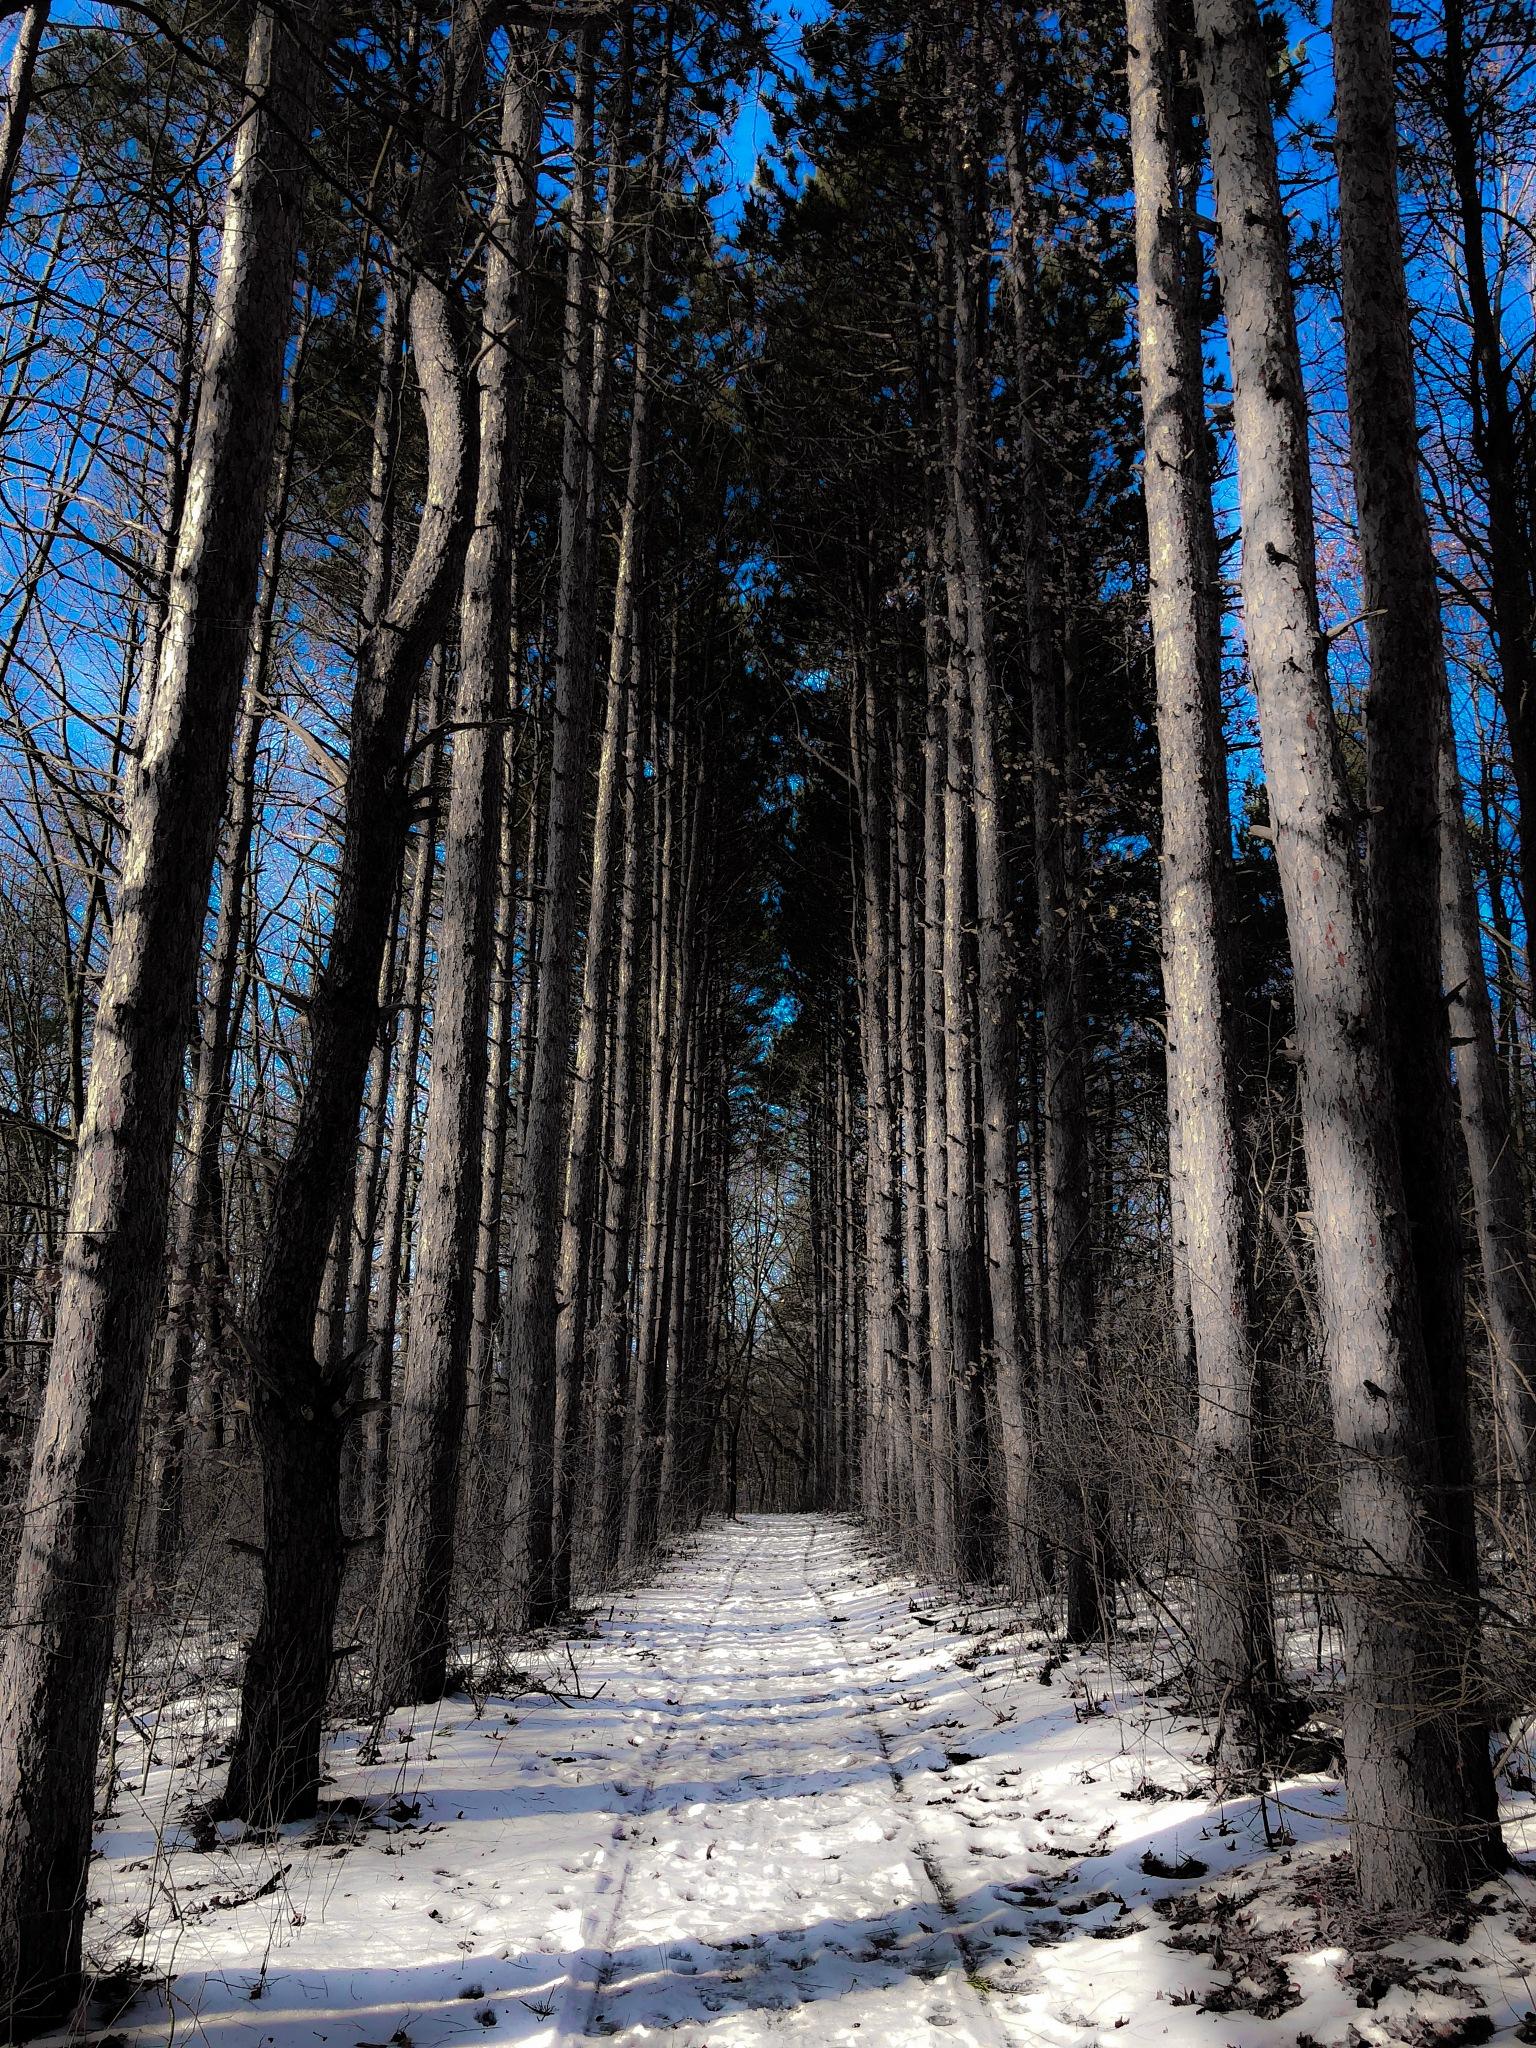 Let's Take a Walk by Sarah Guertin